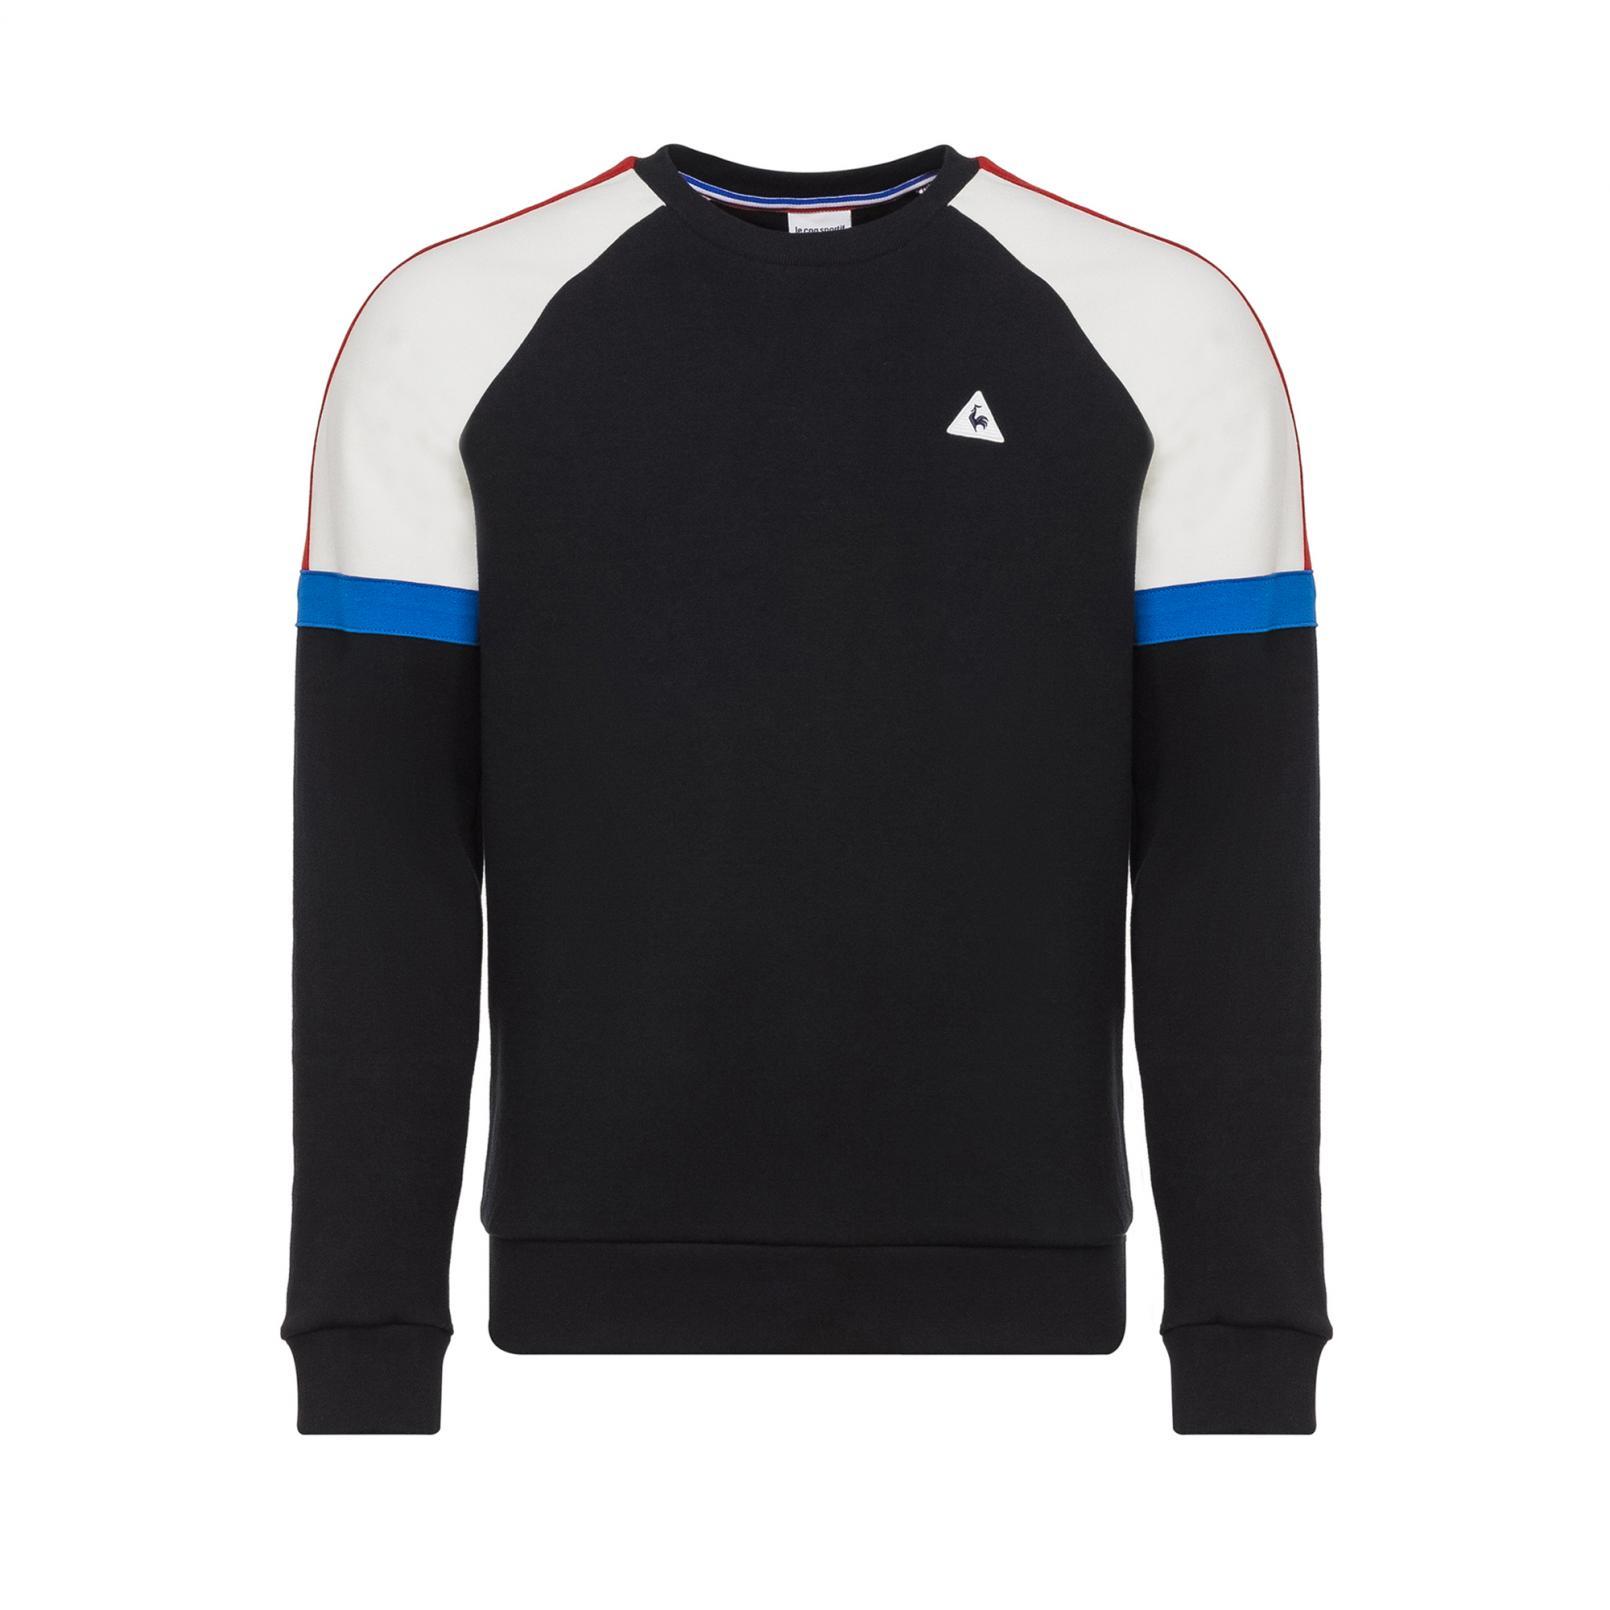 Sweat tops – Le Coq Sportif Tricolore Crew Sweat Black